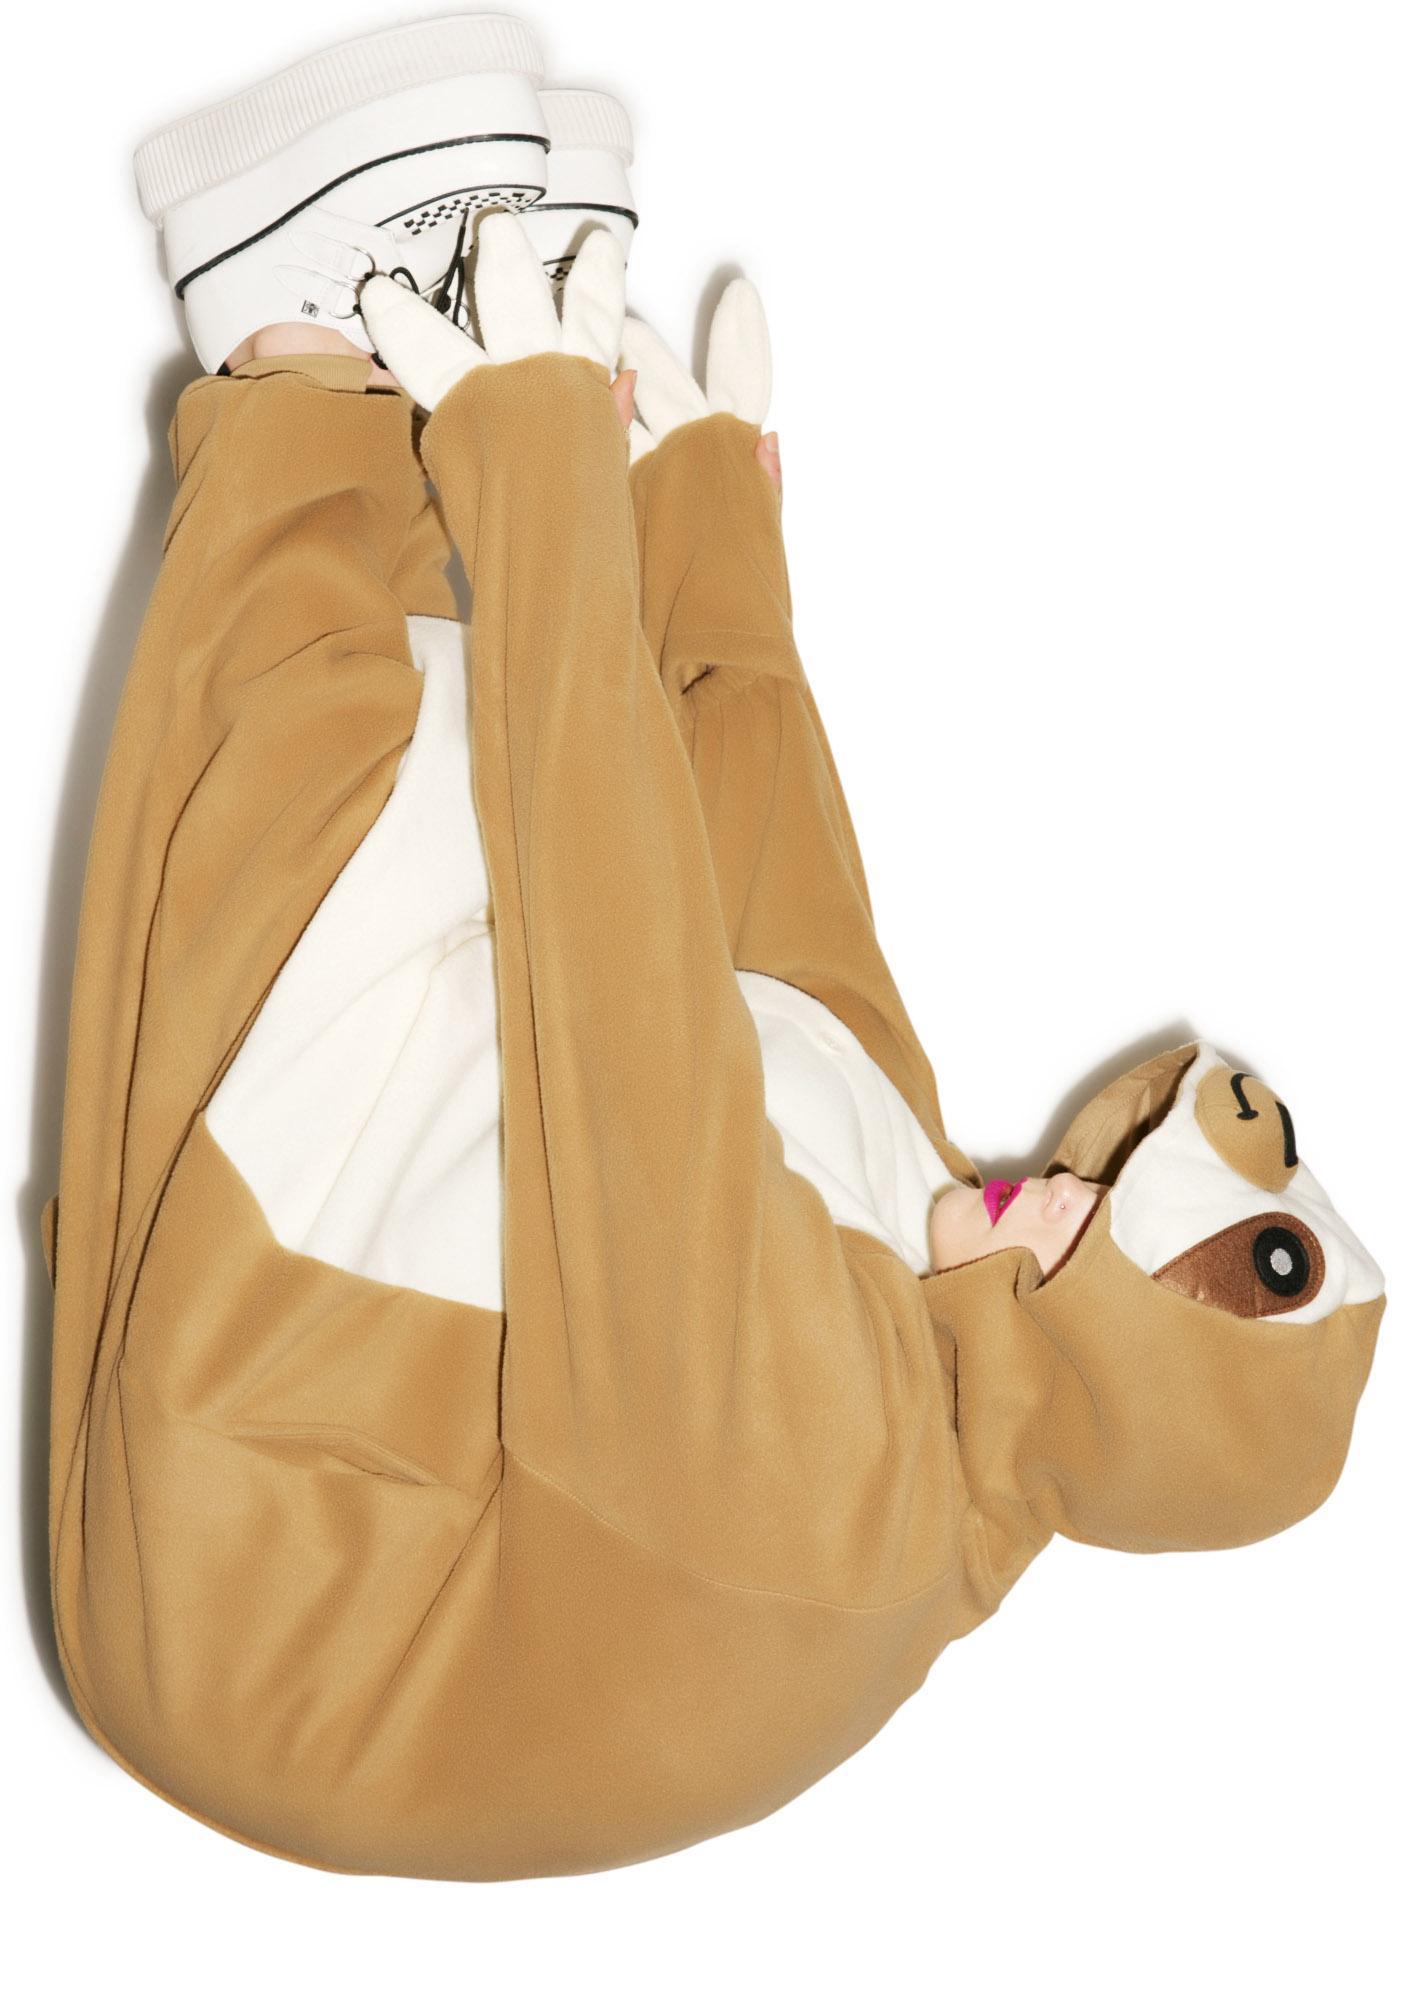 Sazac Sloth Kigurumi